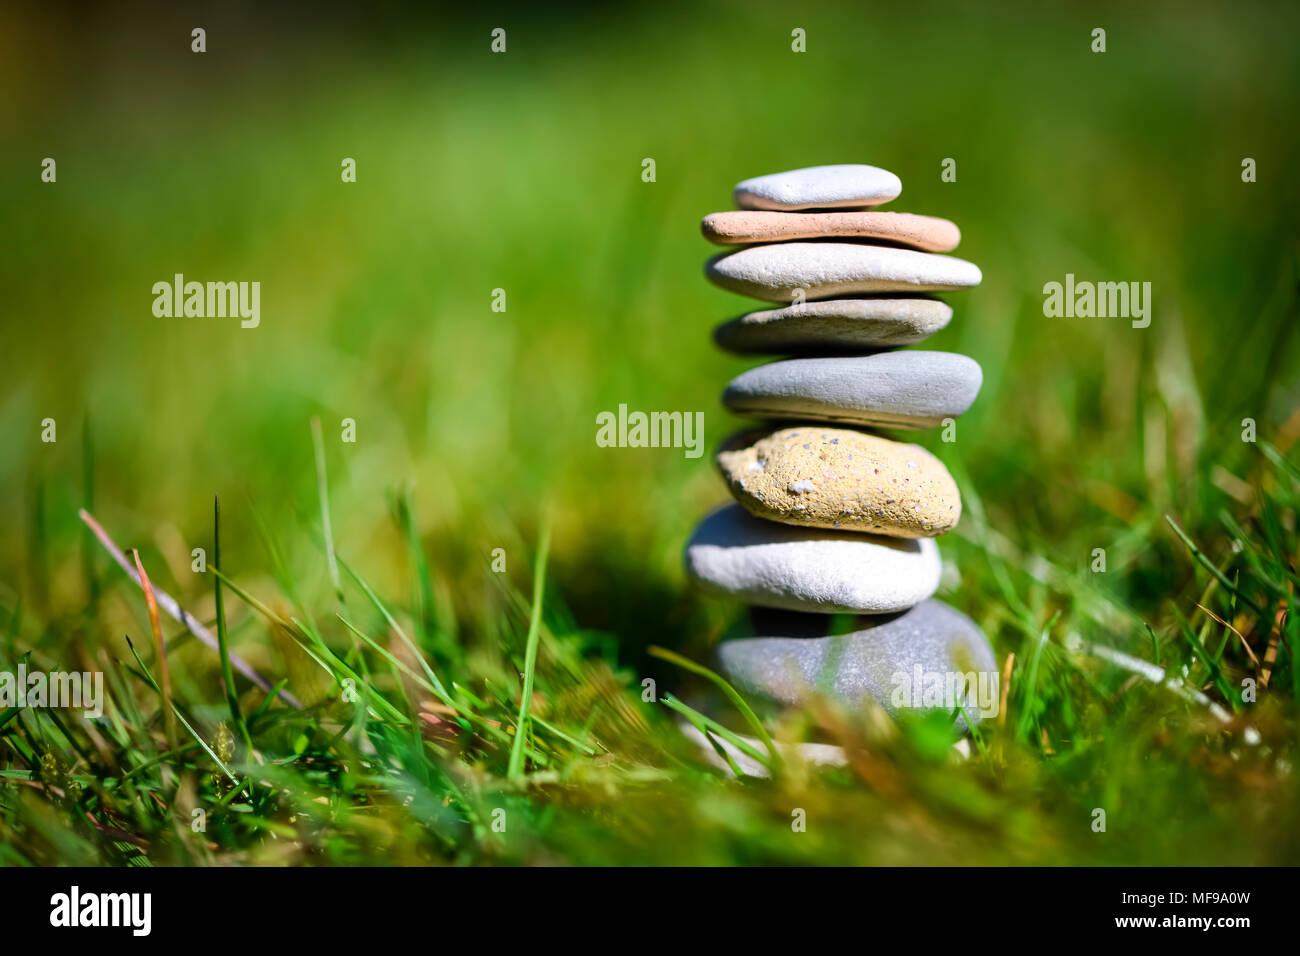 Piedras apiladas, la armonía, el equilibrio Imagen De Stock